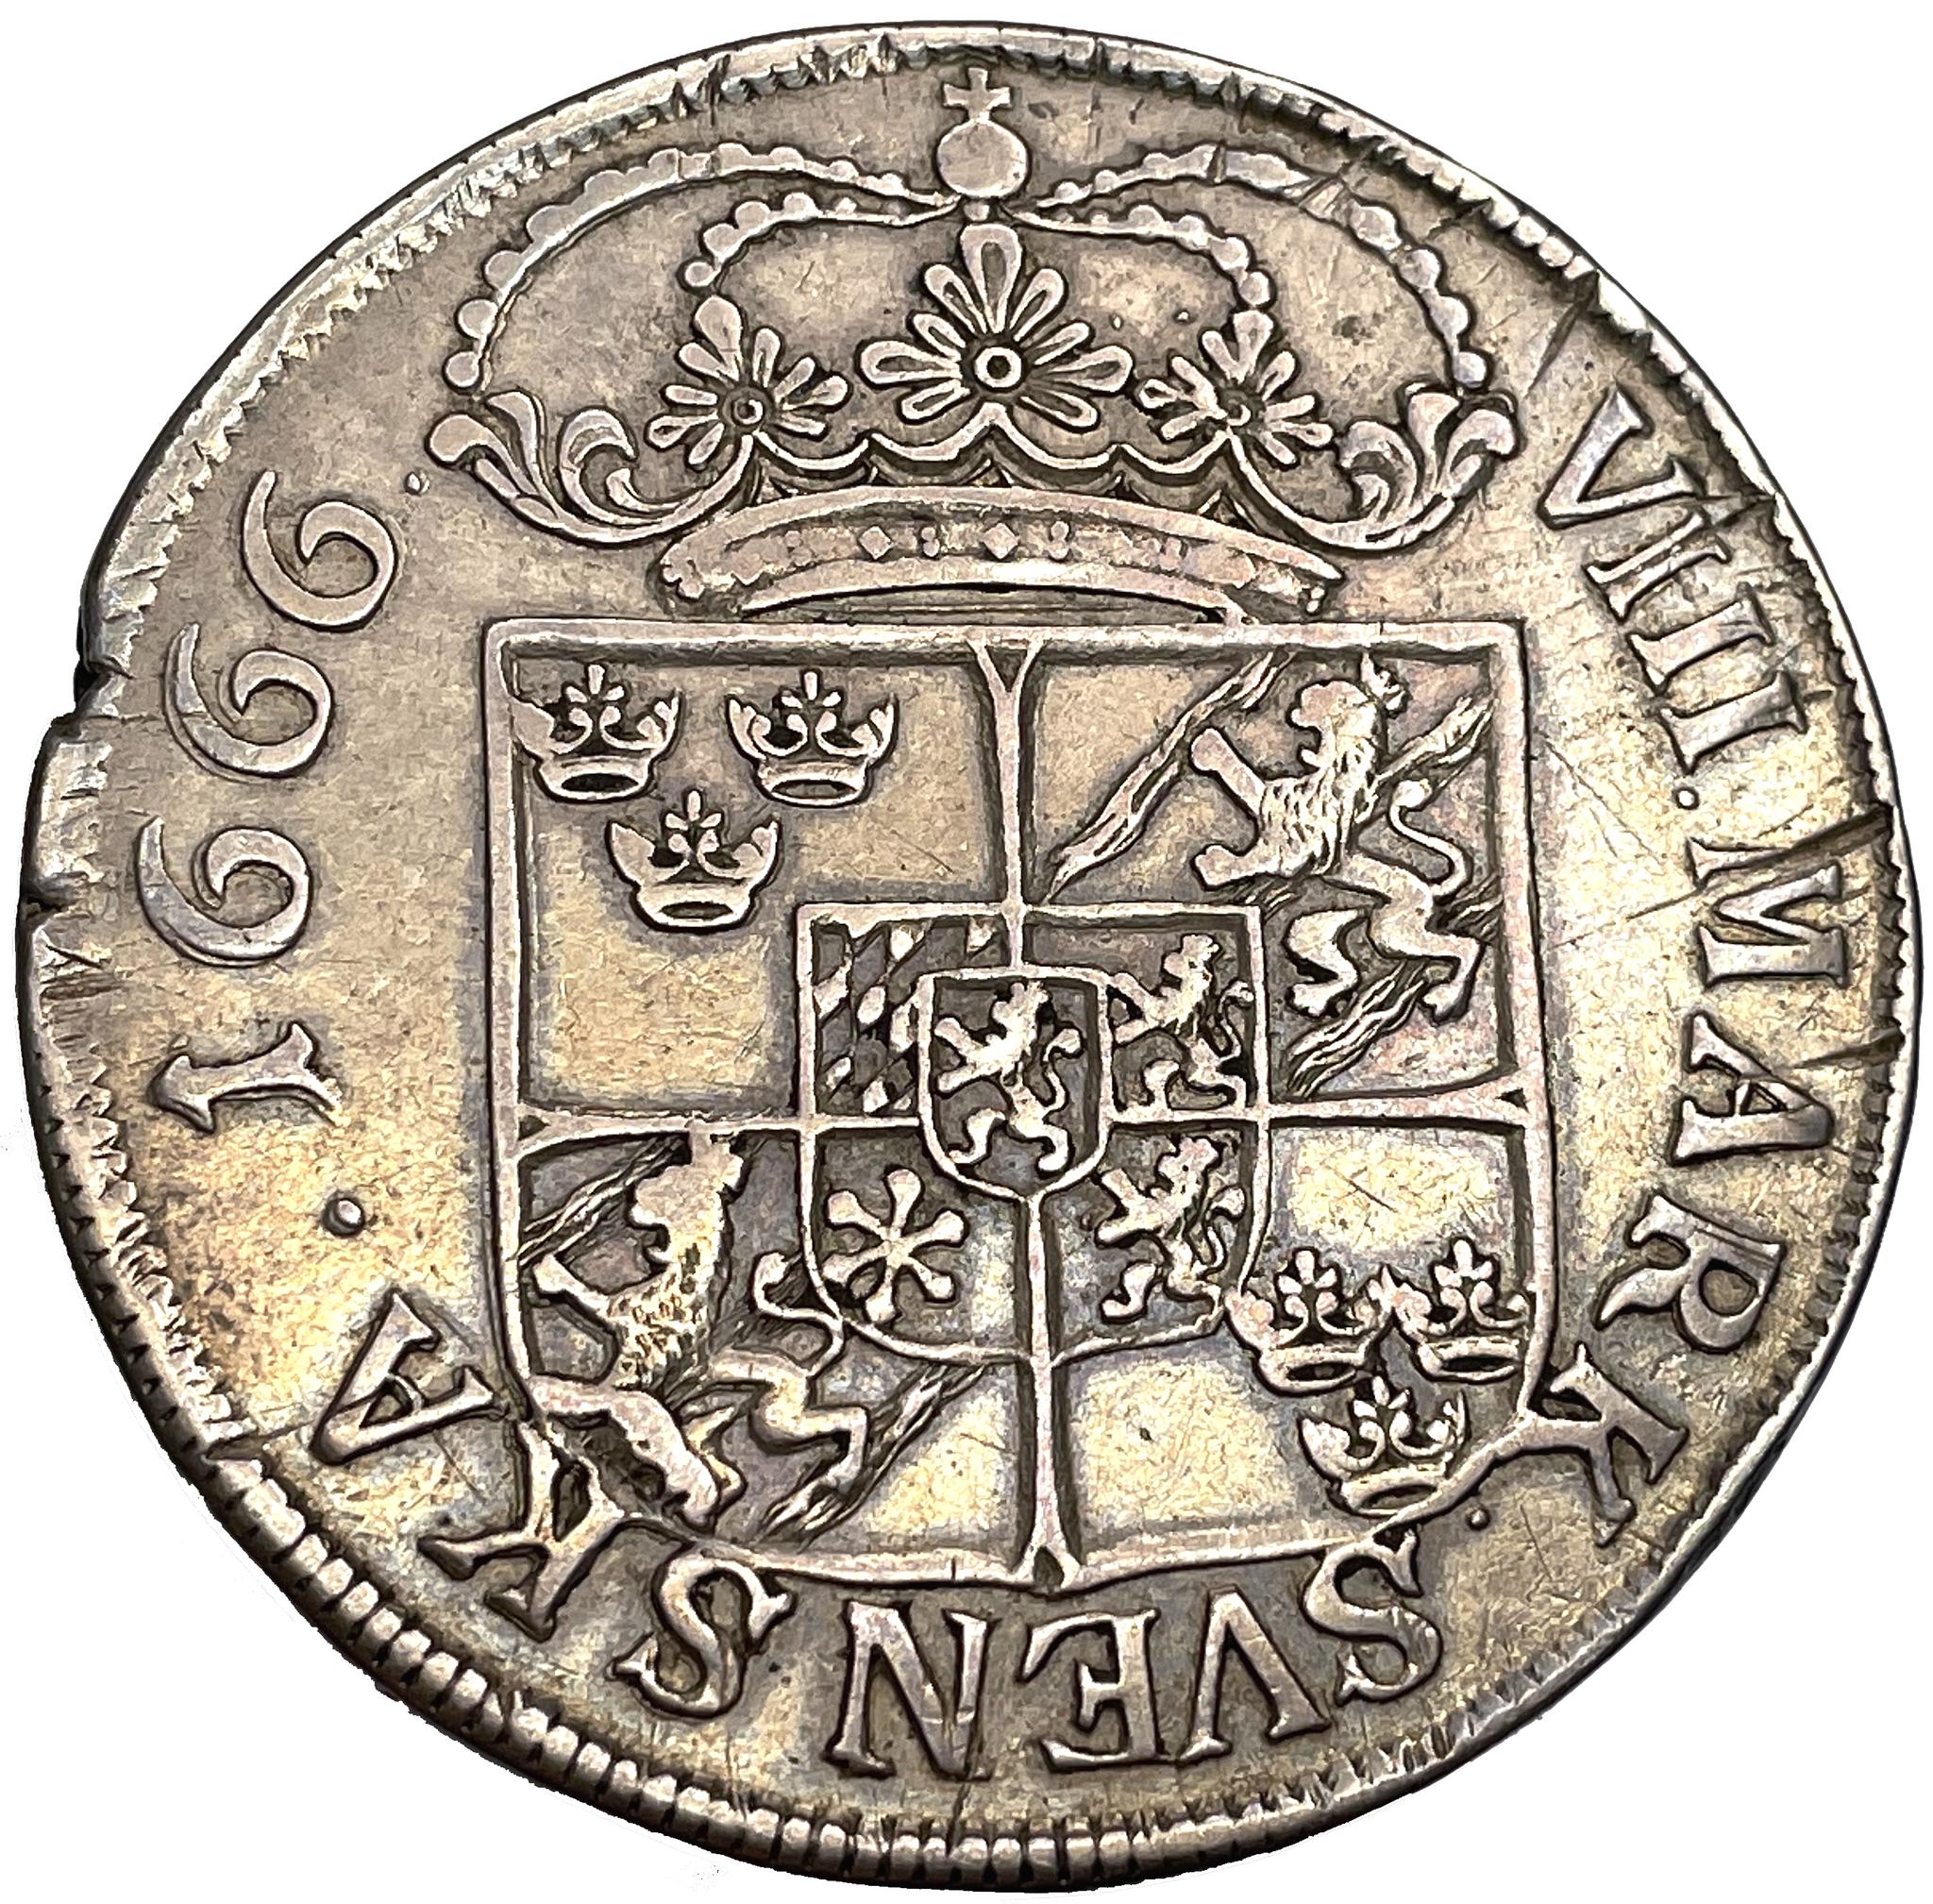 Karl XI 8 Mark 1666 - Mindre bild, delad omskrift, stor krona - RAR - 13 ex i privat ägo